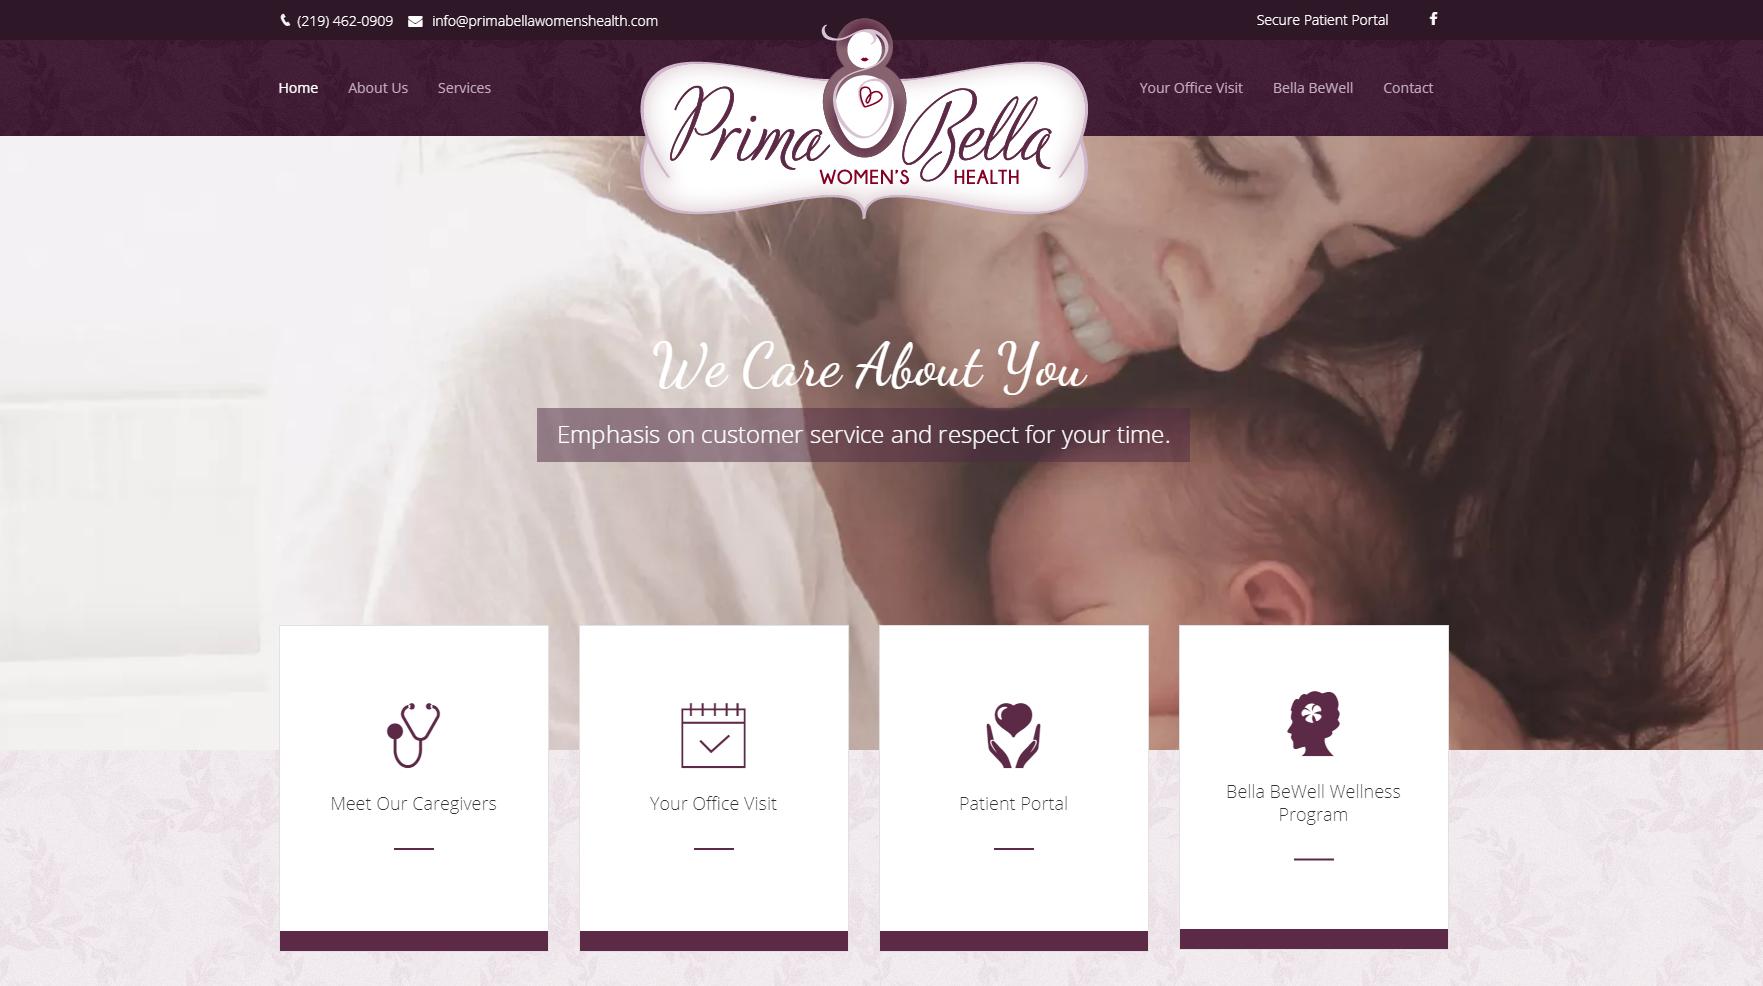 primabella-website.png